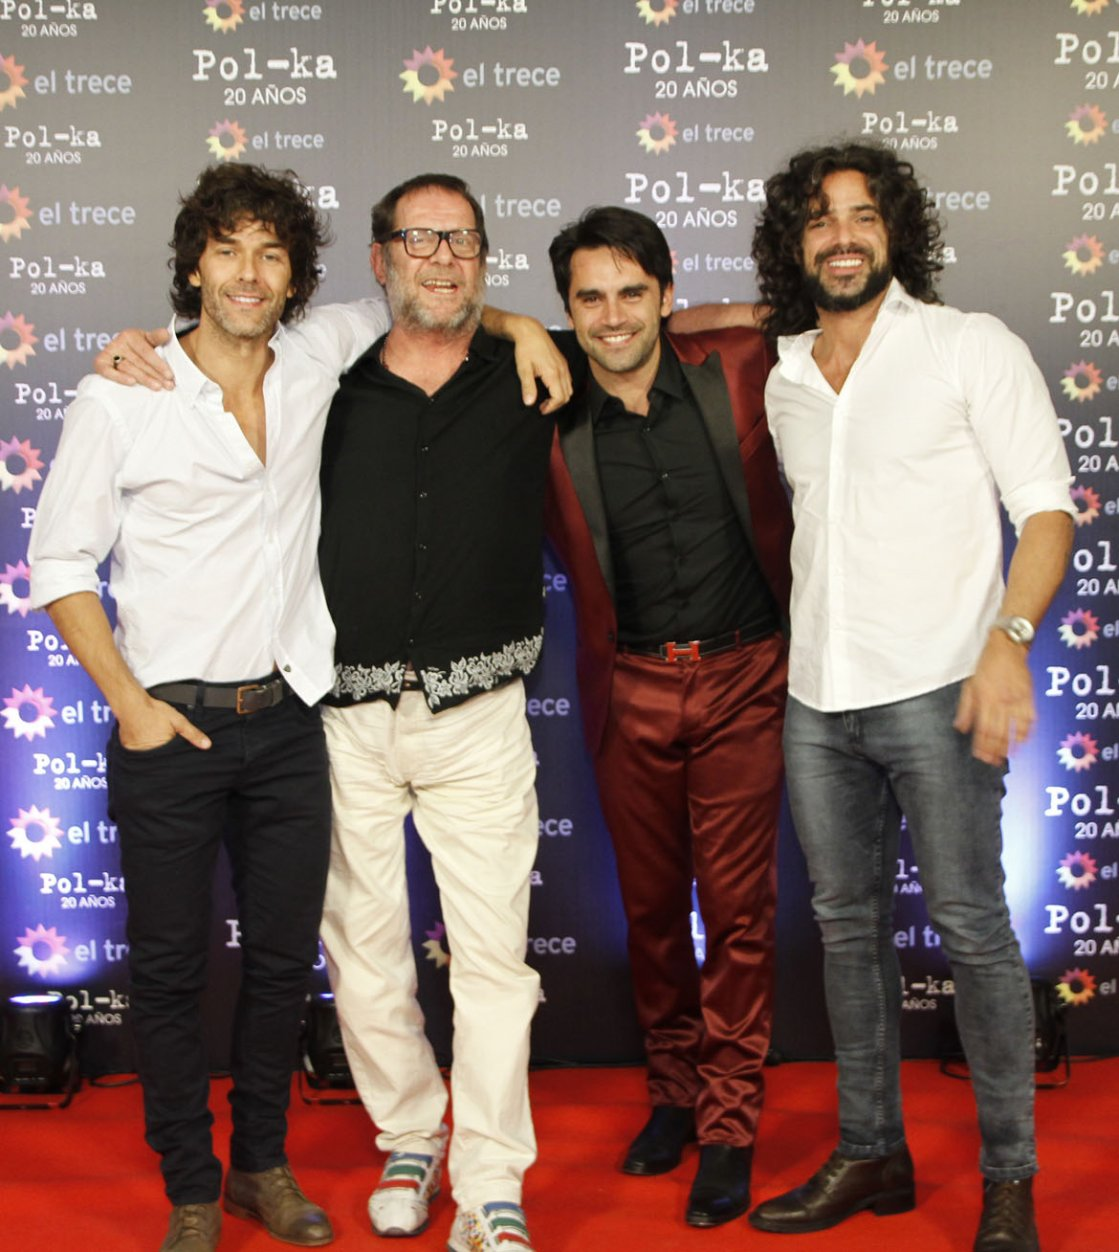 Mariano Martínez, Luis Luque, Gonzalo Heredia y Luciano Castro